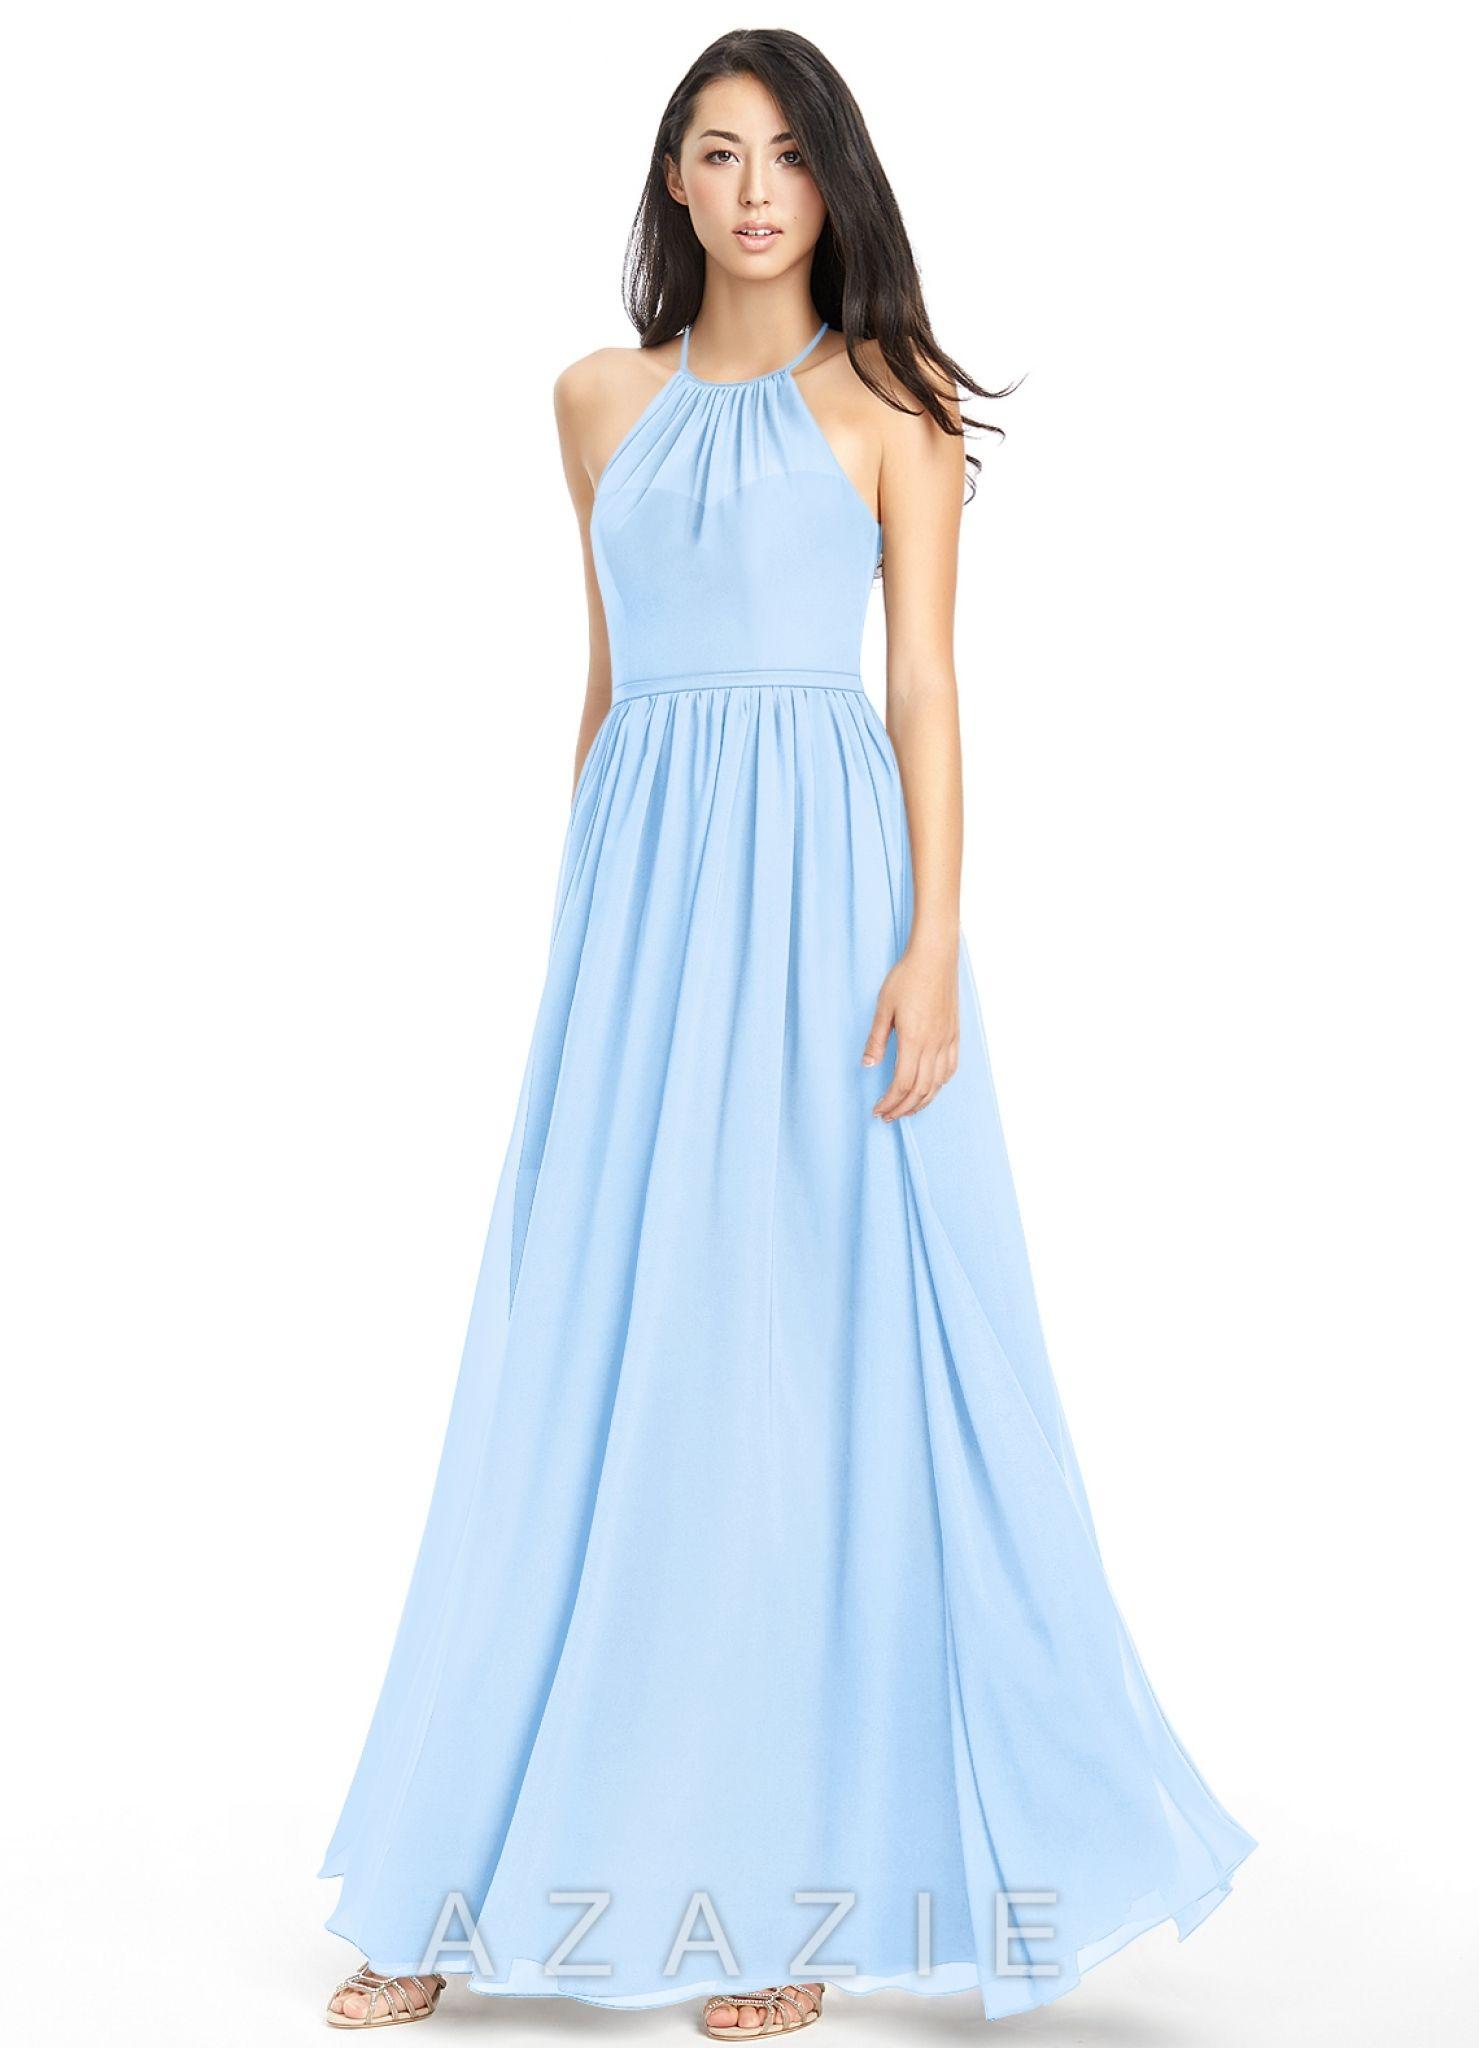 sky blue wedding dress - informal wedding dresses for older brides ...